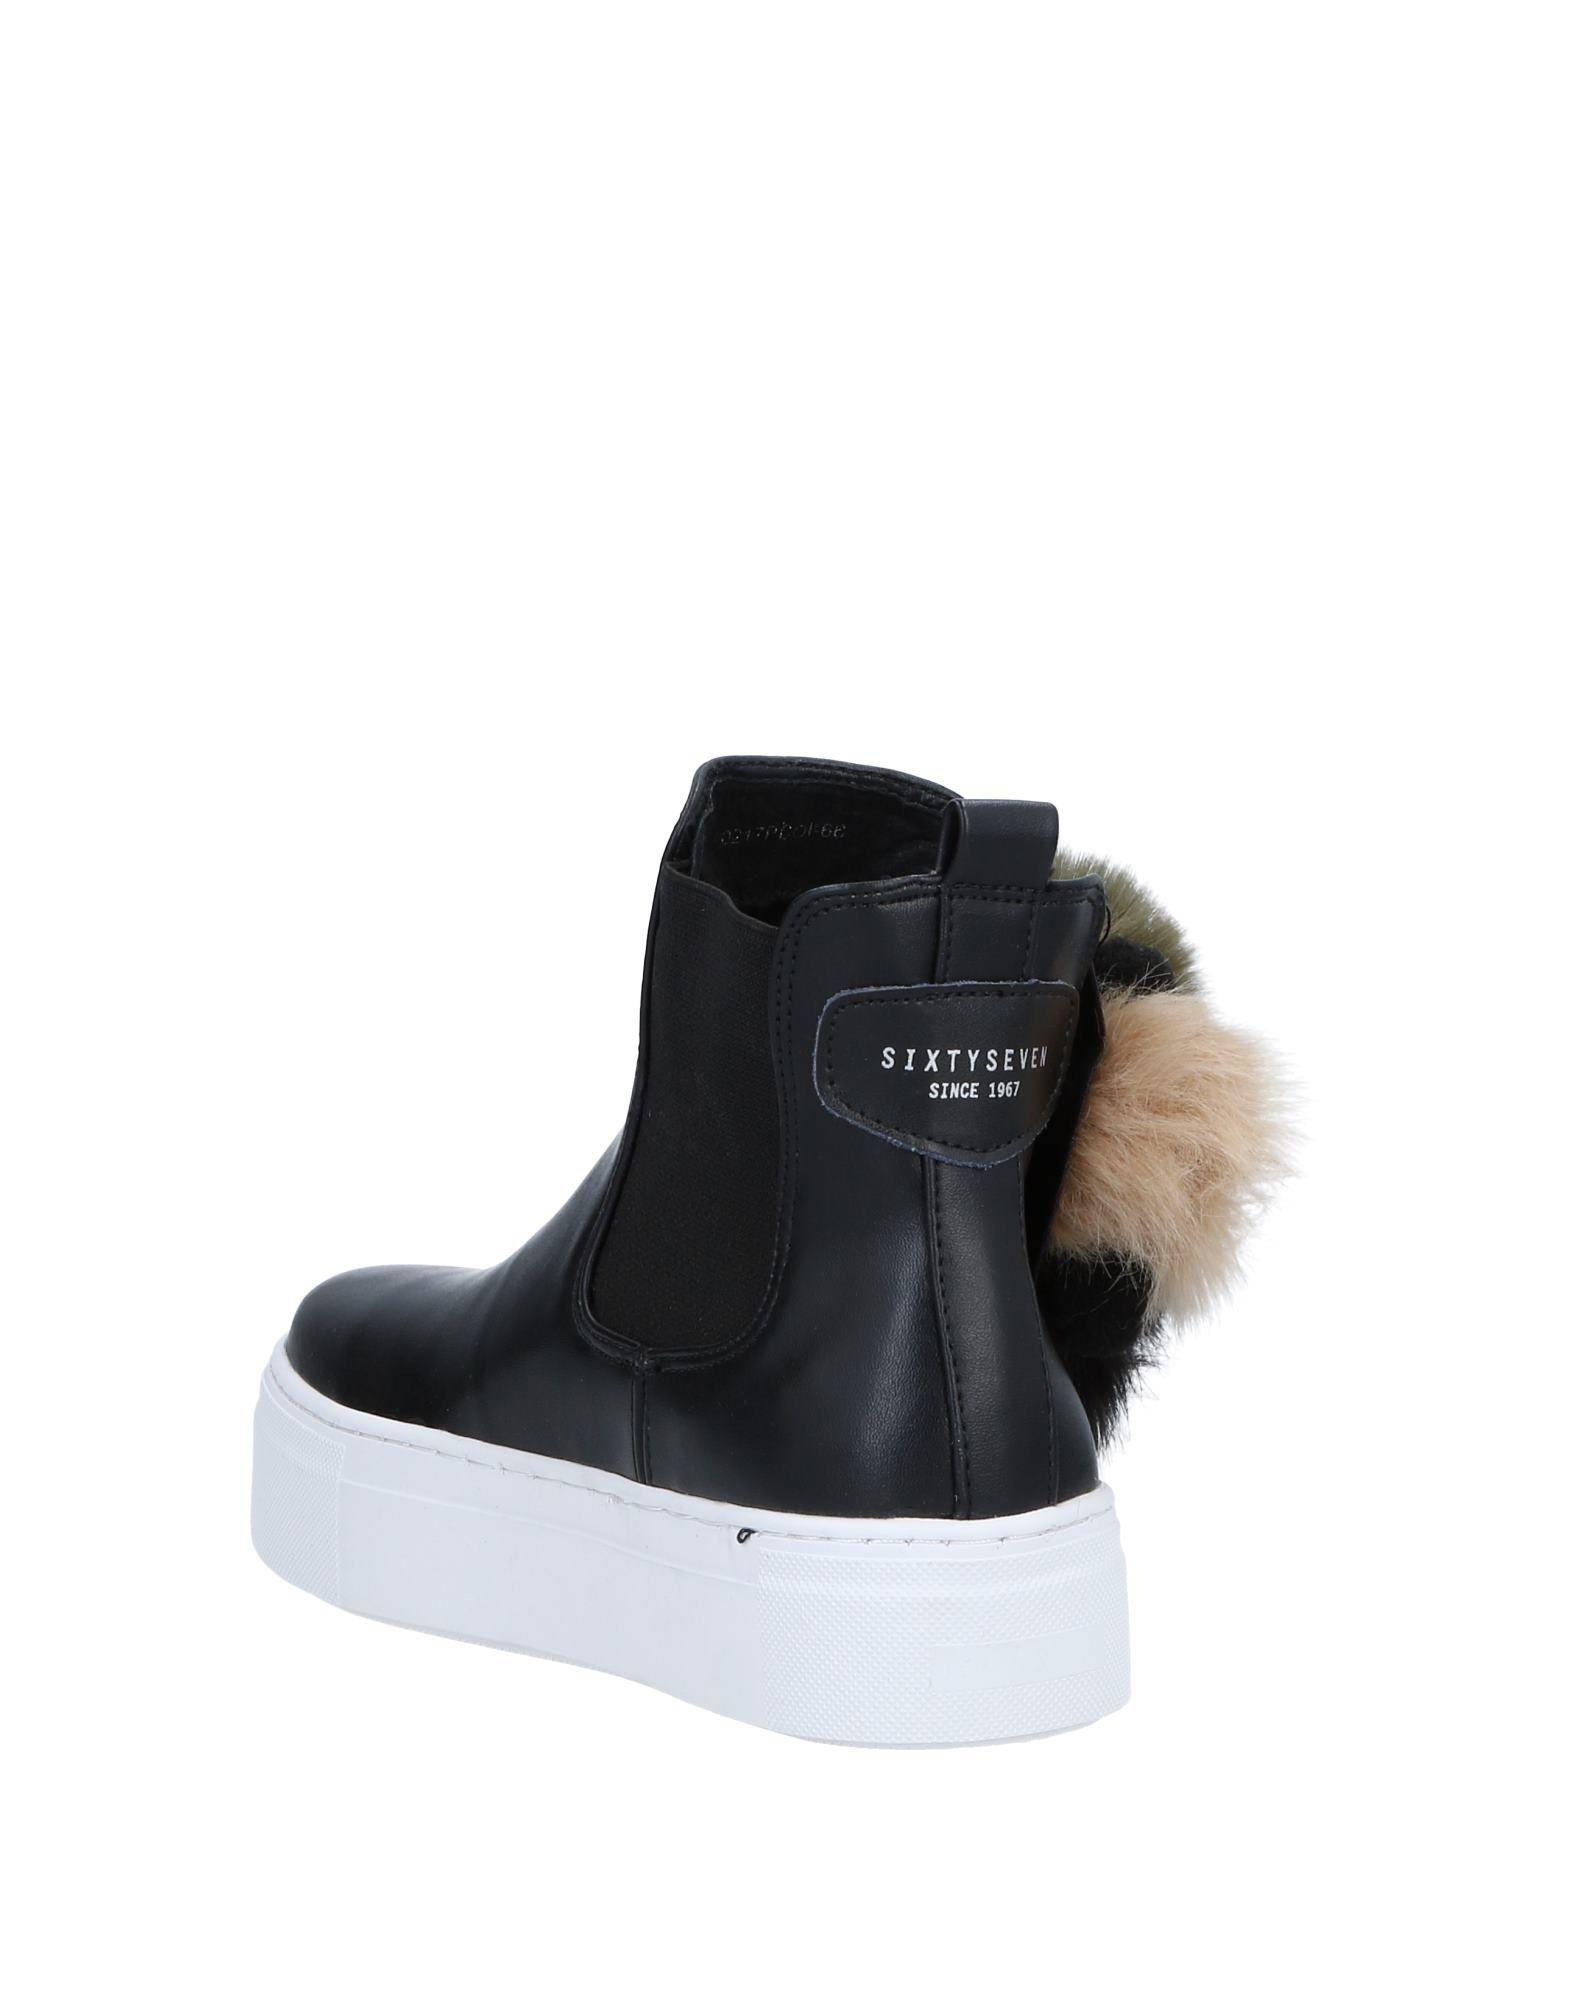 67 Sixtyseven Chelsea Boots Damen  11541708SF Schuhe Gute Qualität beliebte Schuhe 11541708SF 5a3104